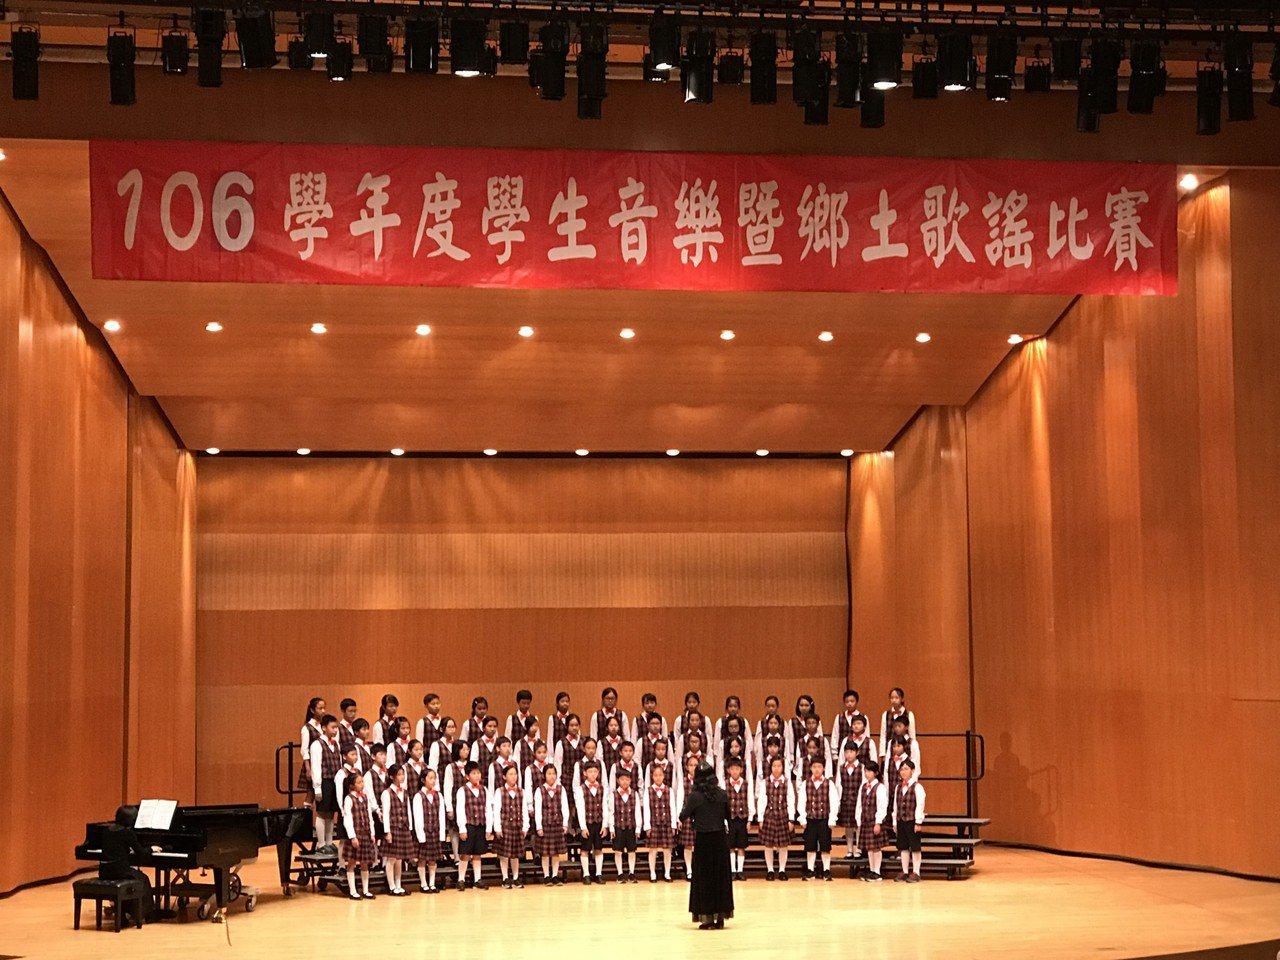 龍山國小同聲合唱國小團體組榮獲特優,進入全國賽。圖/新竹市府教育處提供